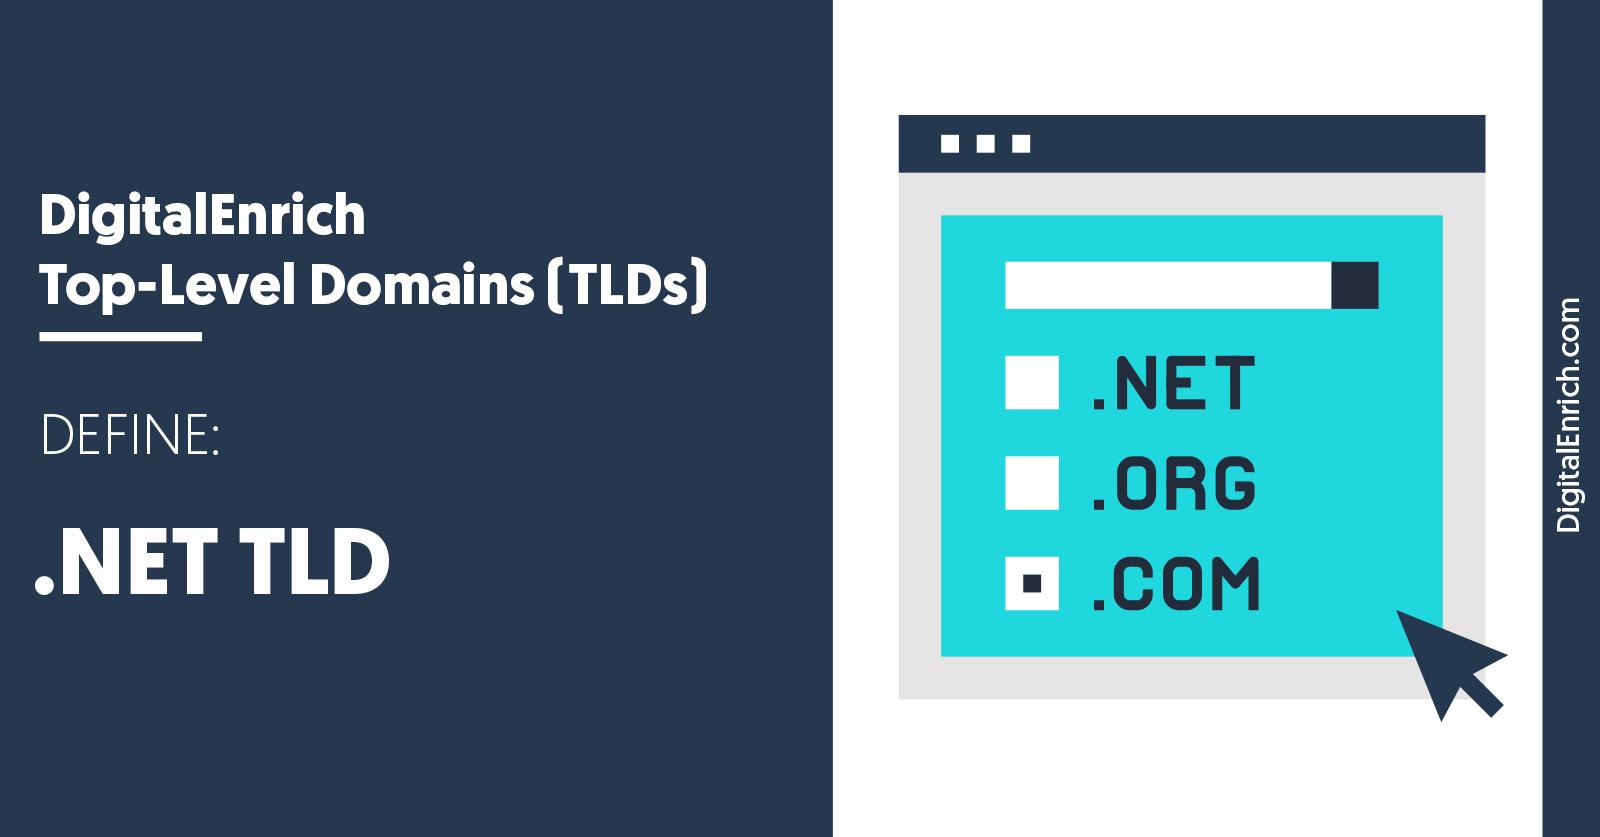 Define NET TLD